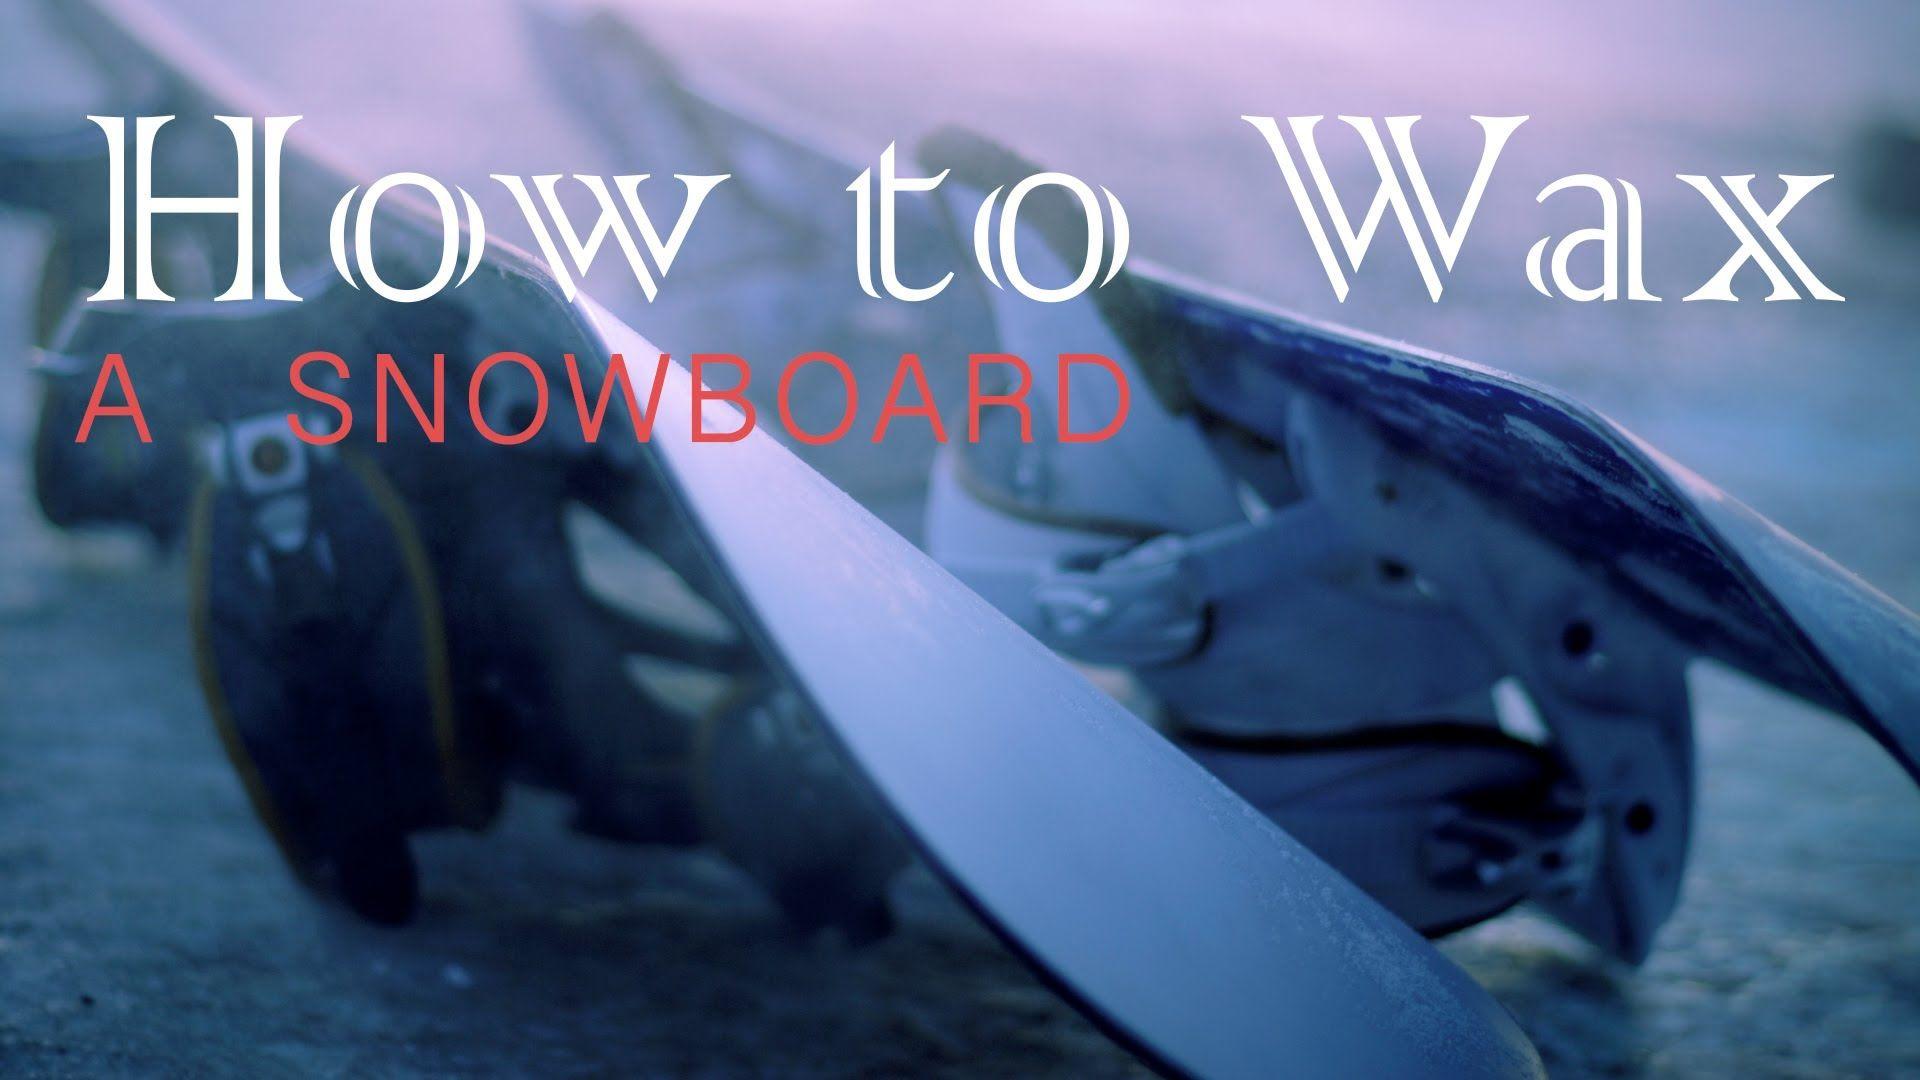 How to wax a snowboard diy 2 coatsi need to improve